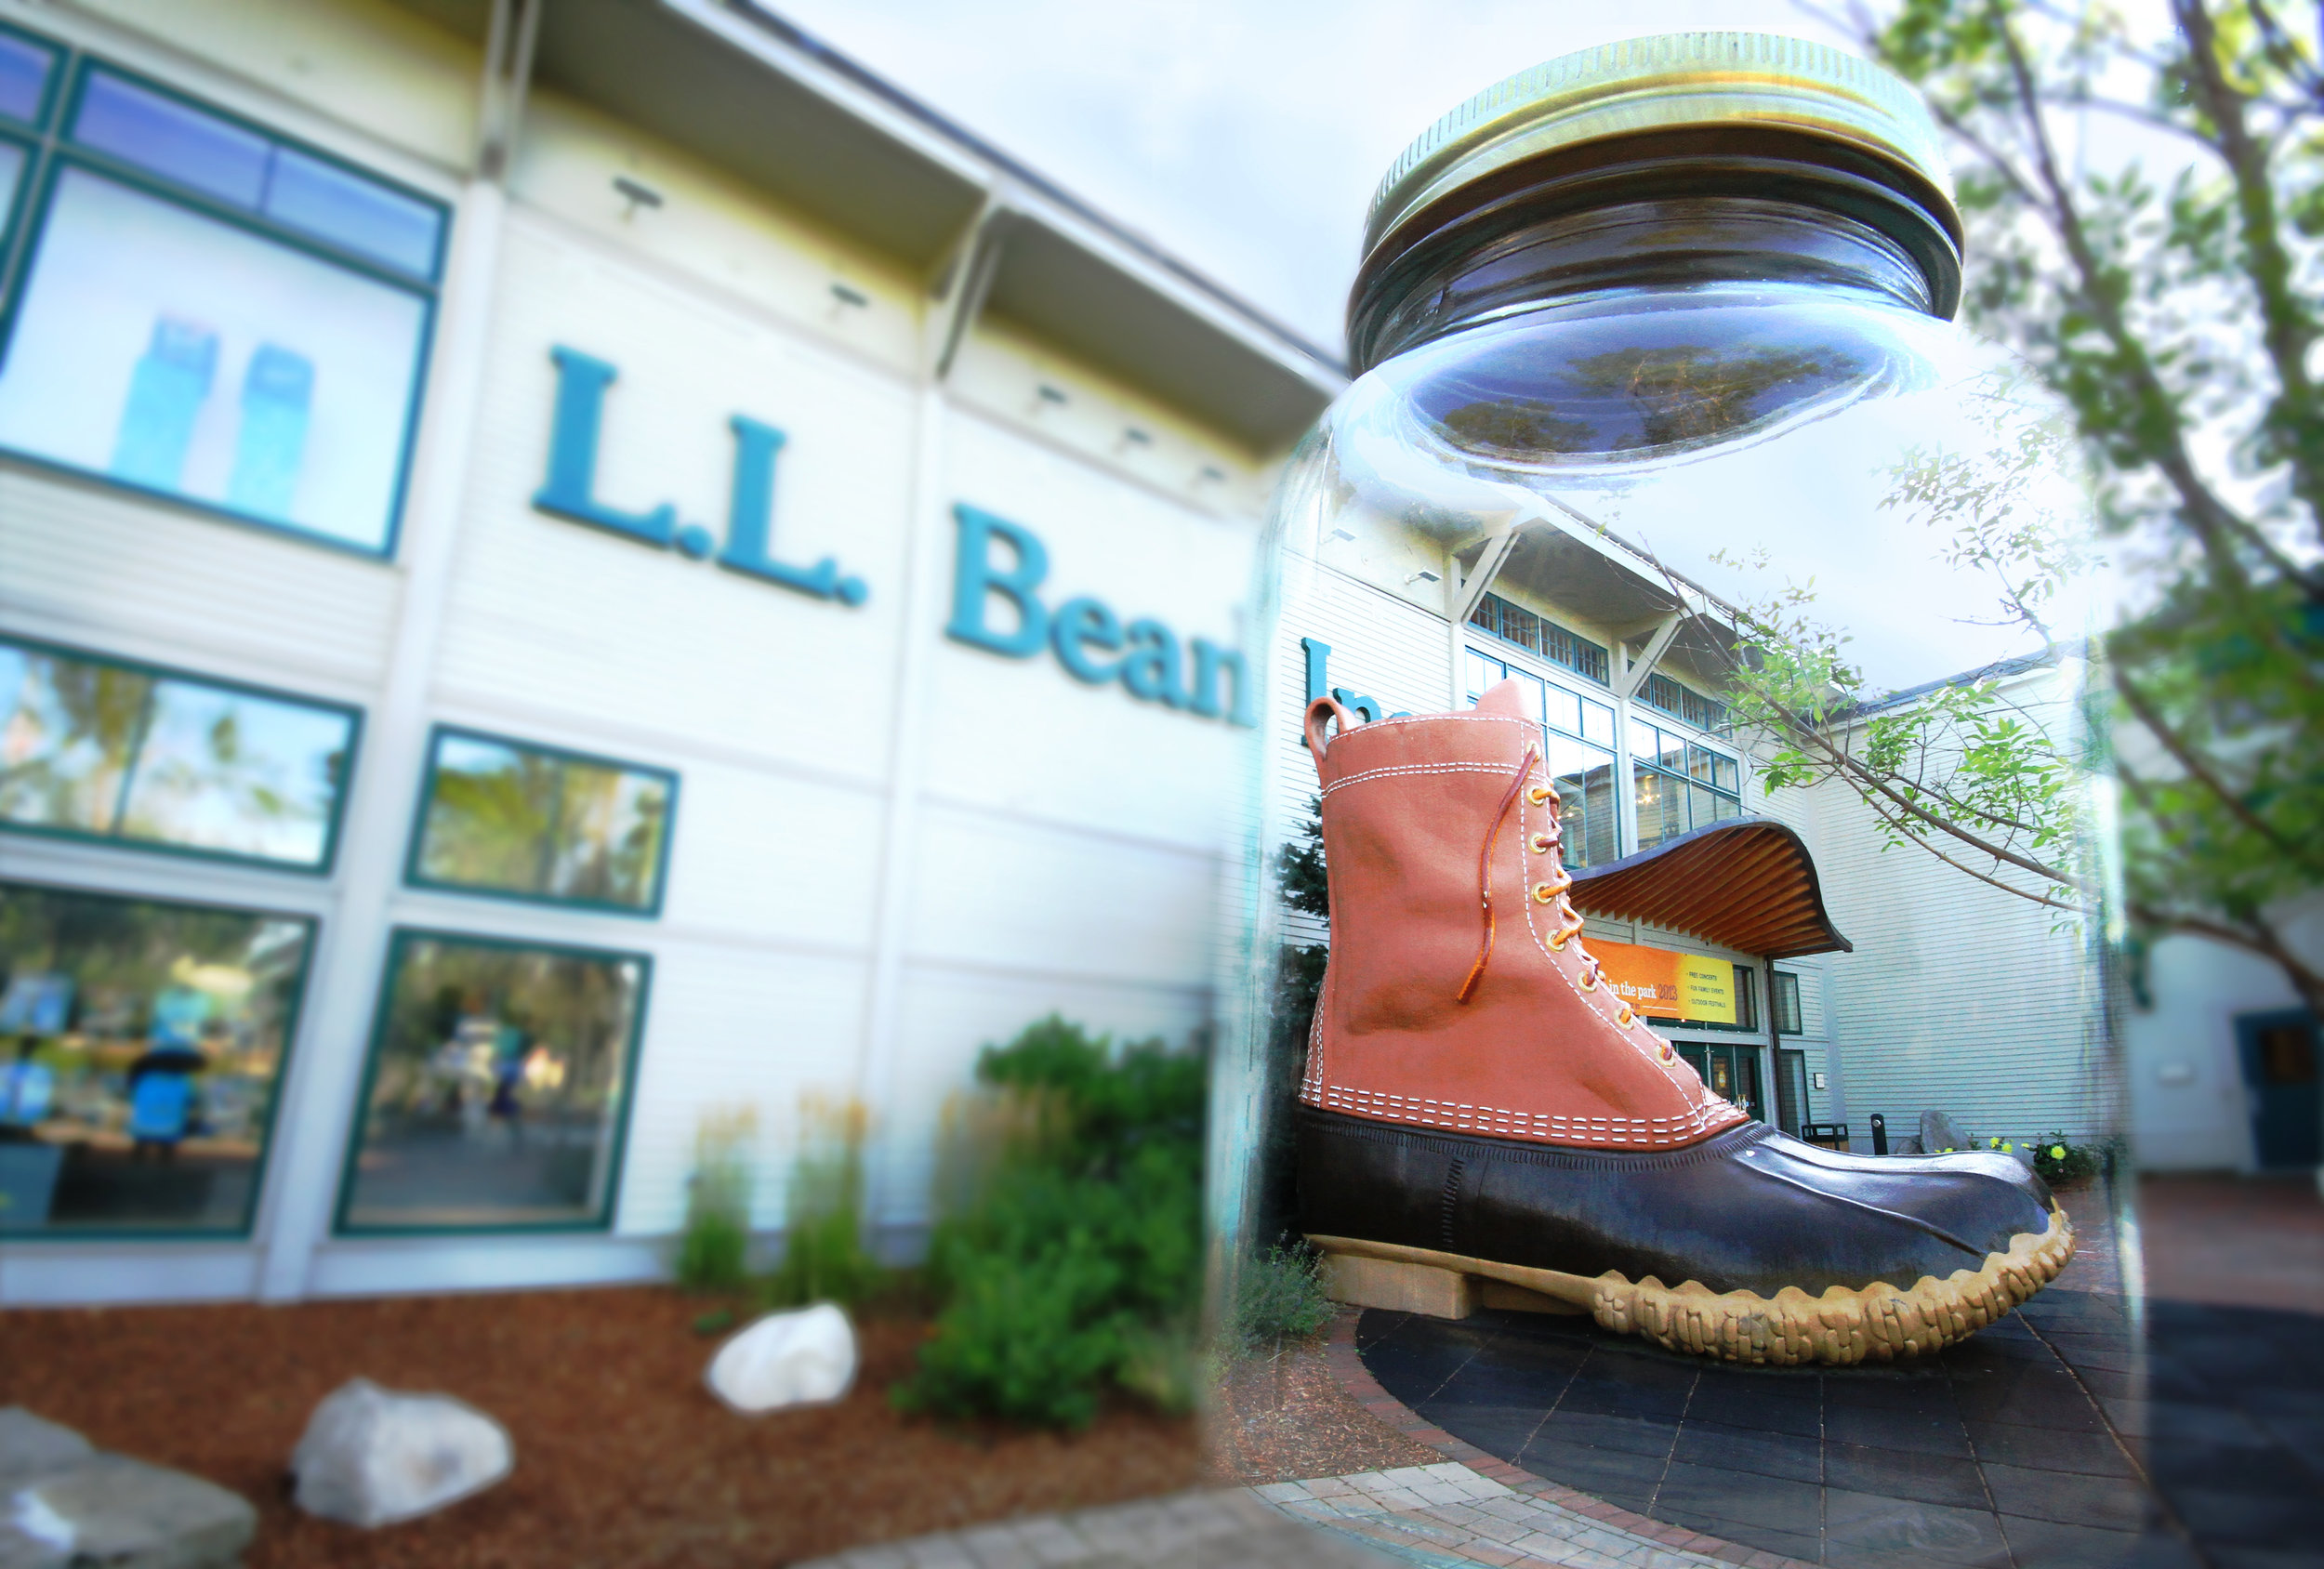 ll-bean-boot-mason-jar.jpg